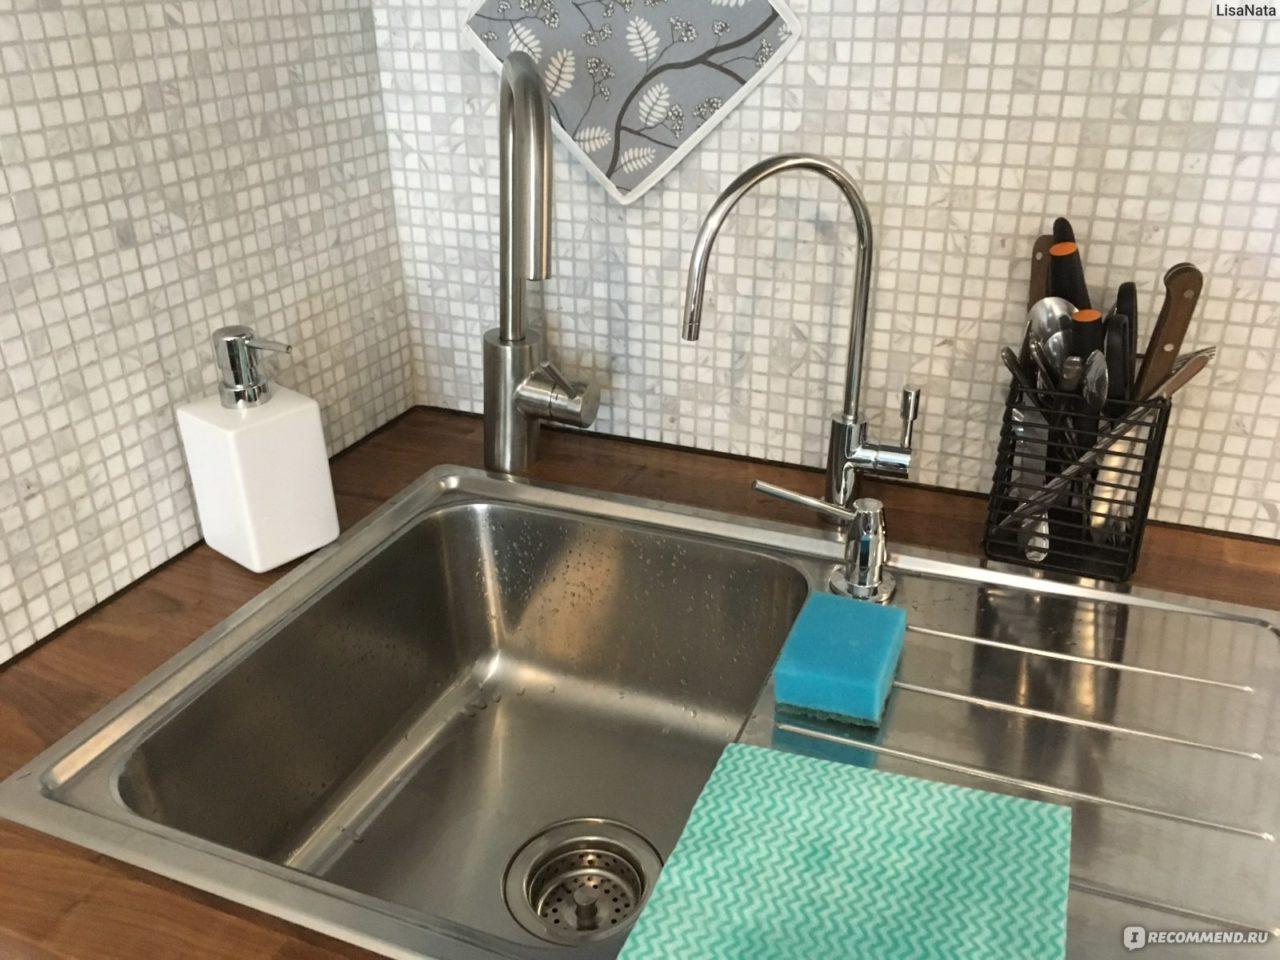 Мойка под угловую кухню: 9 советов по выбору